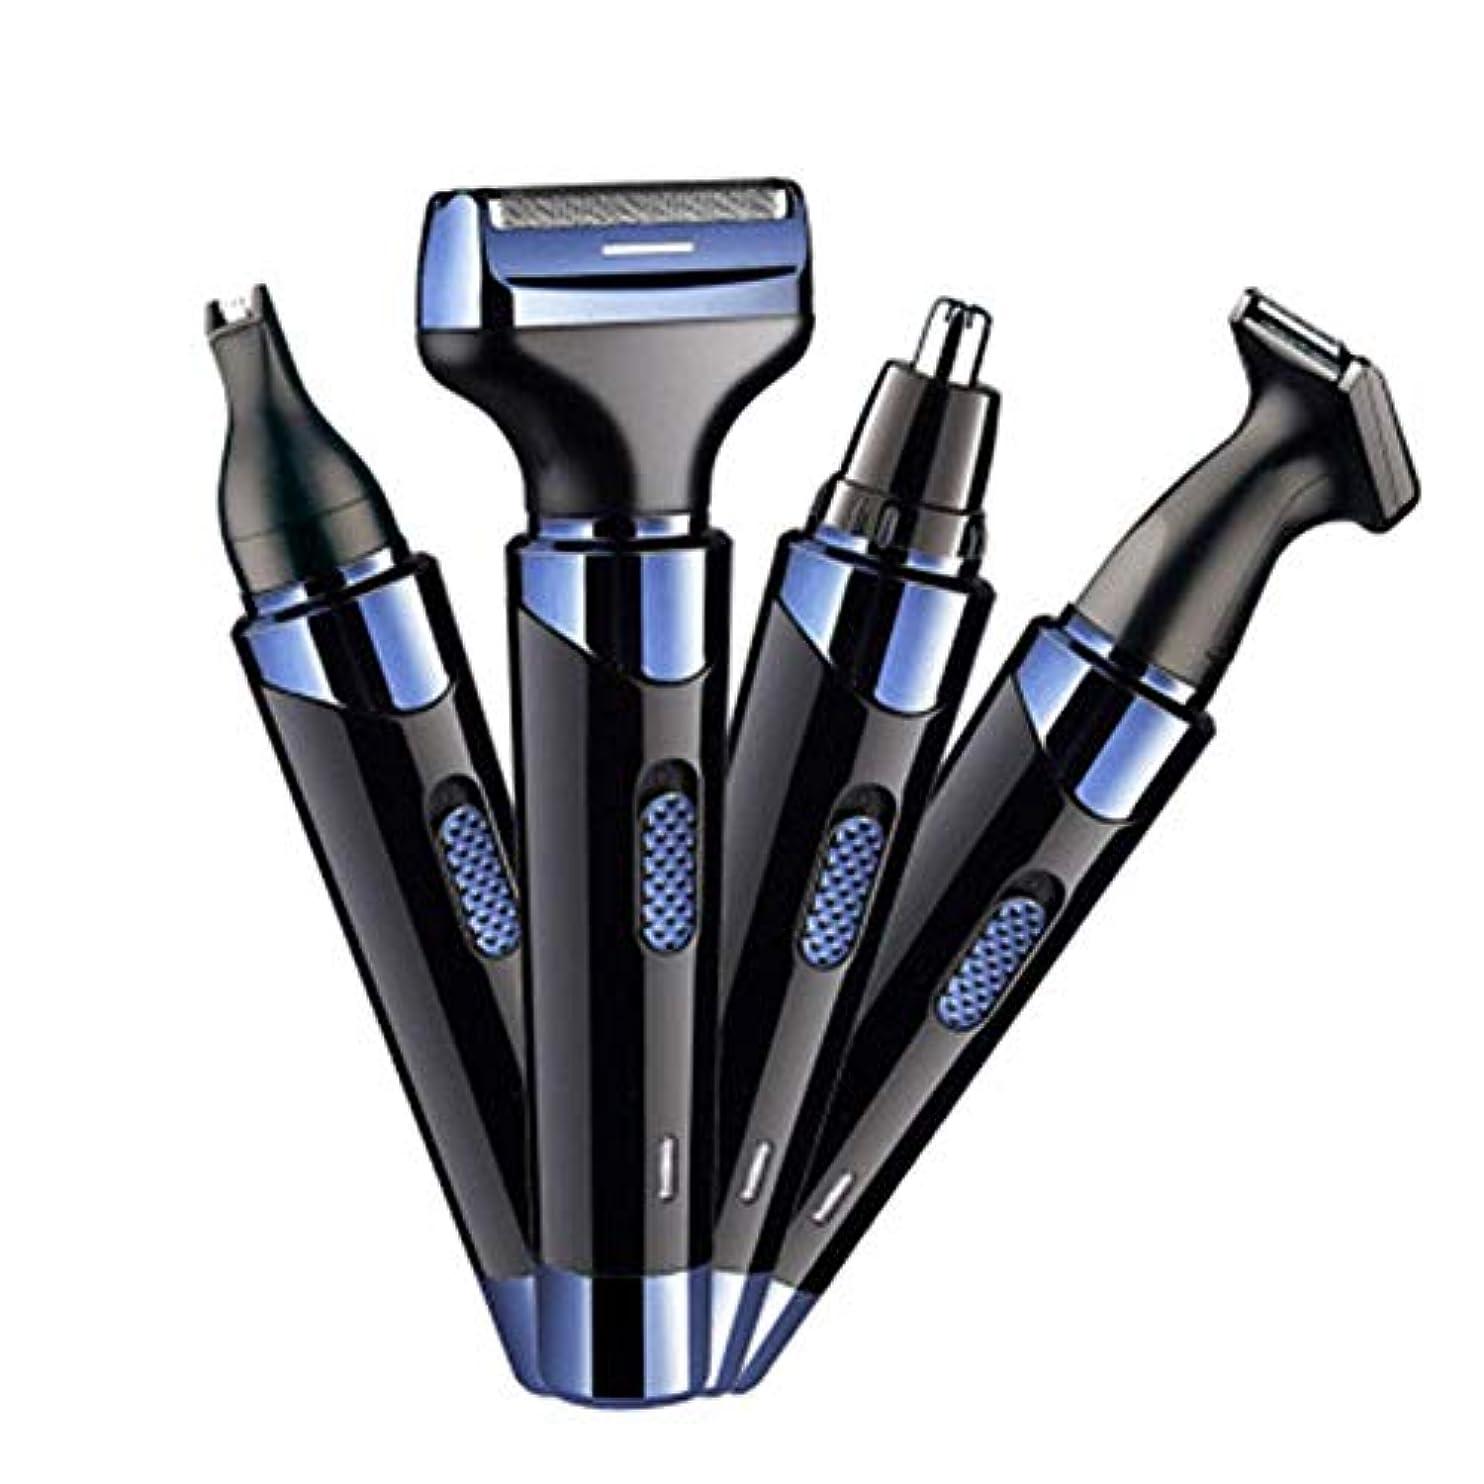 受取人作りポスター鼻毛トリマー4インチ1軽量防水電気メンズ多機能鼻毛トリマー